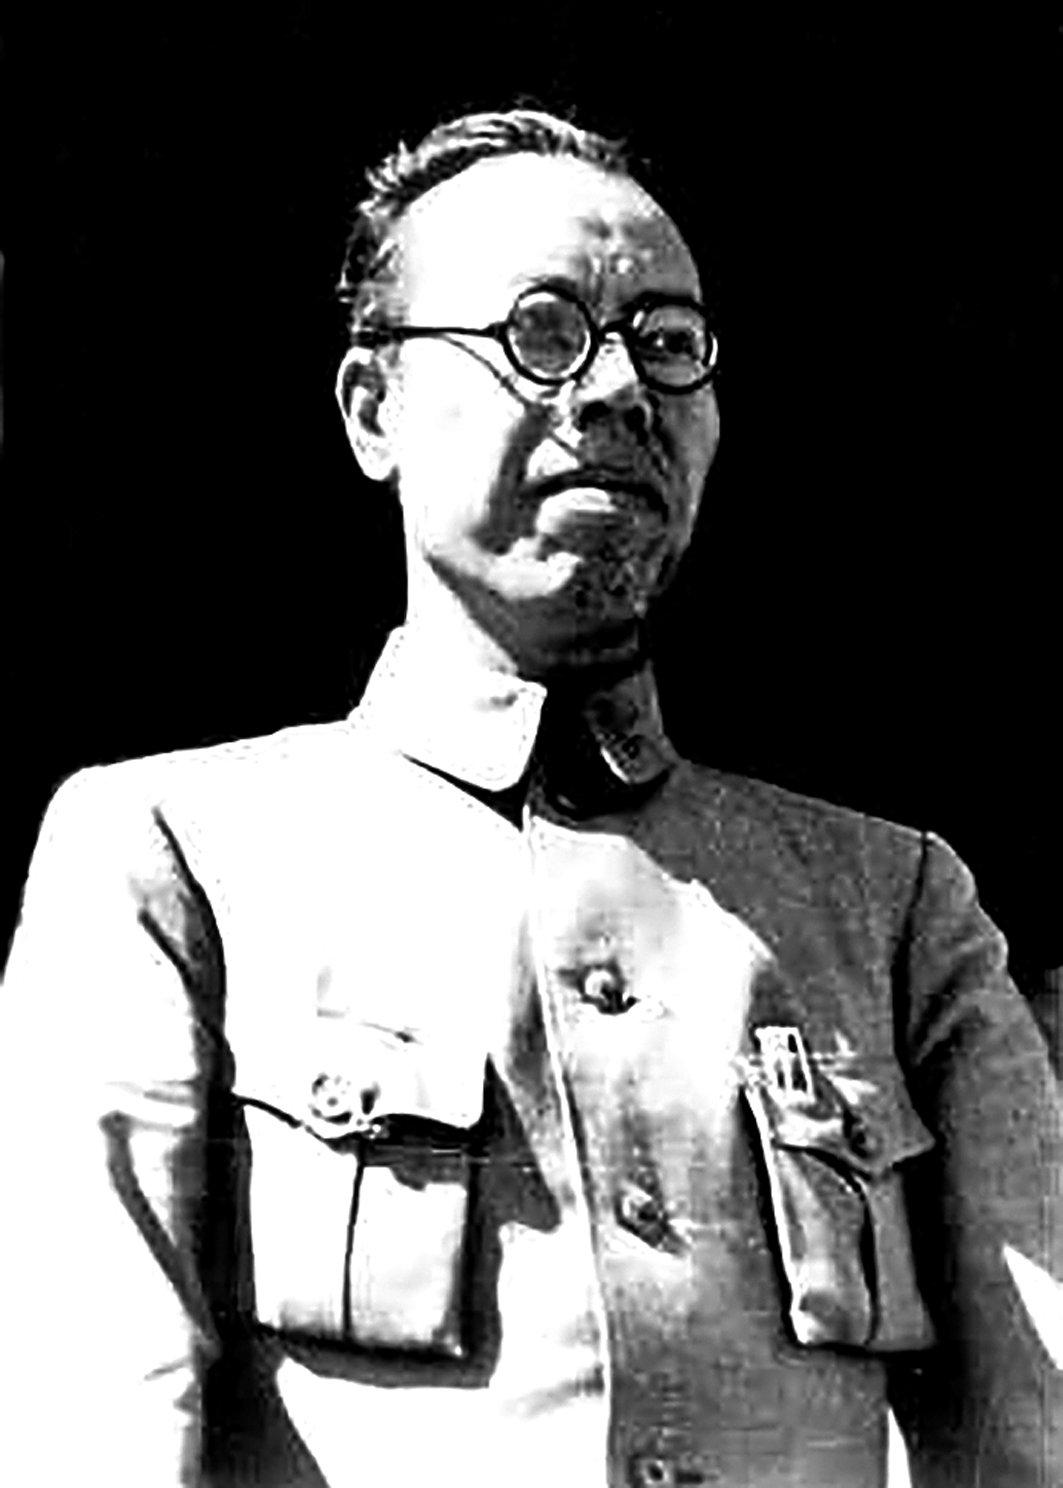 向忠發擔任中共總書記時,背後實際掌權的李立三,圖為1946年時的李立三。